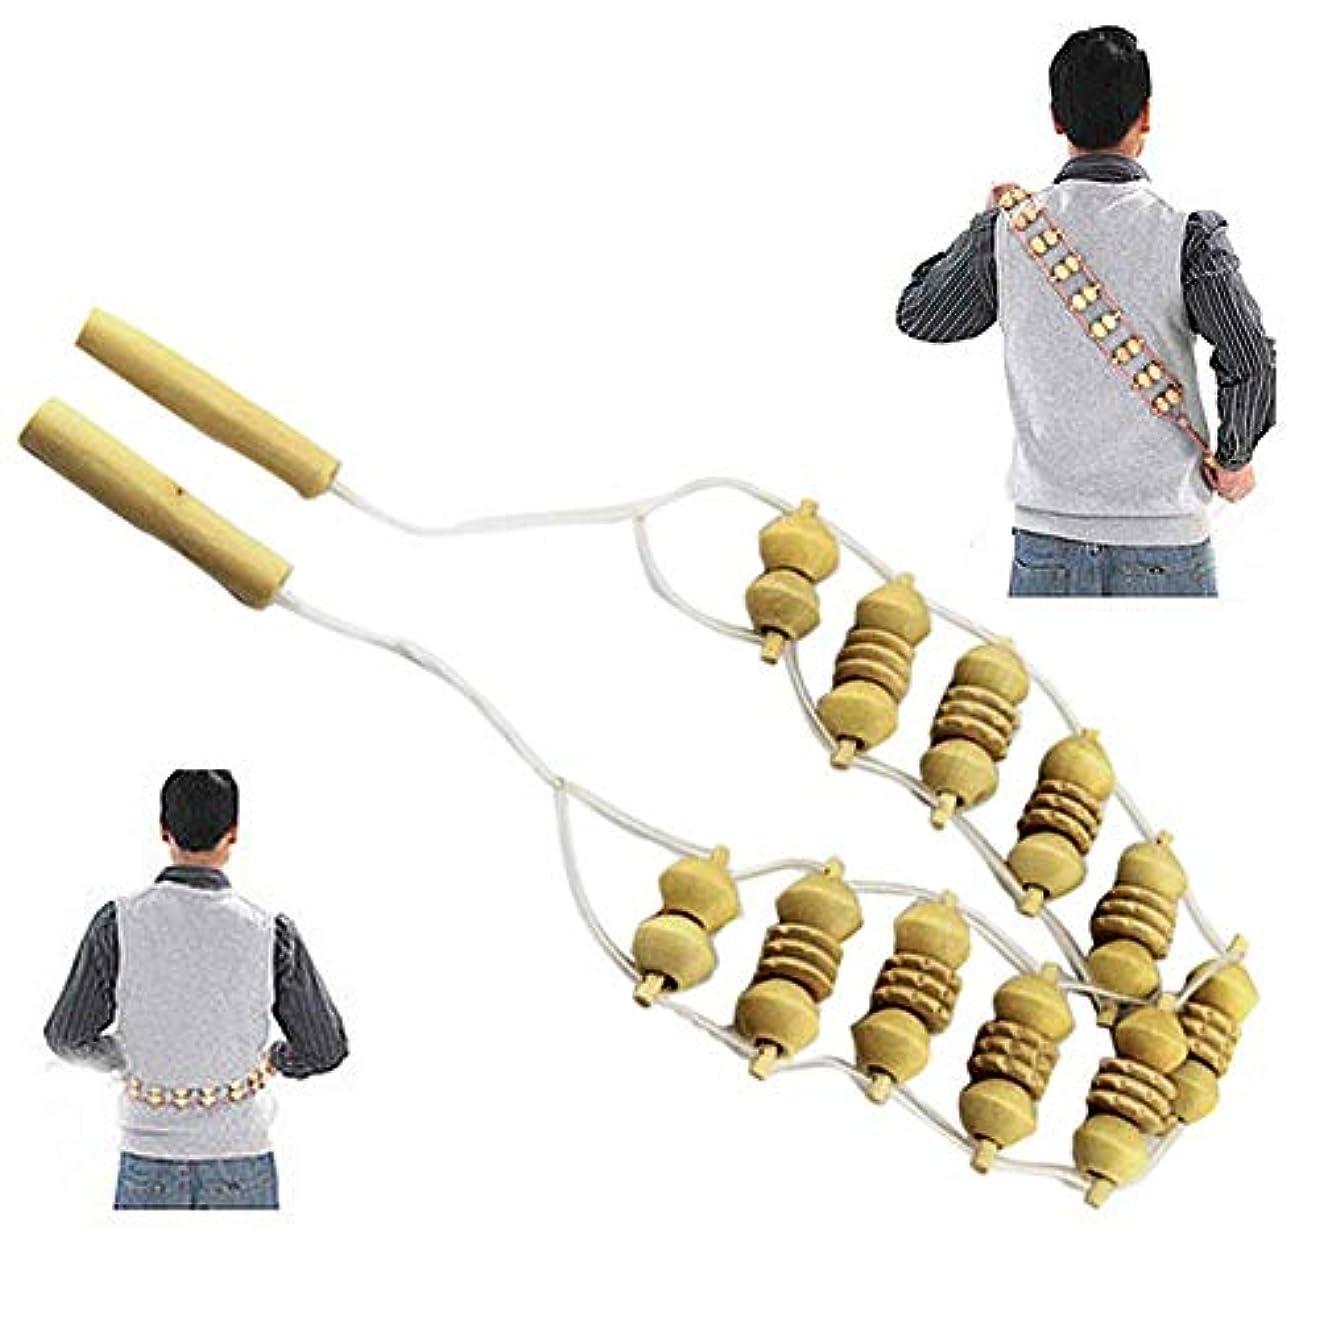 衣服作成するピルファーバックローラーマッサージャー、ウッドホイールバックウエストケアマッサージャーローラーベルトベルトラインマッサージャー、フルボディボール伝統的なローリング